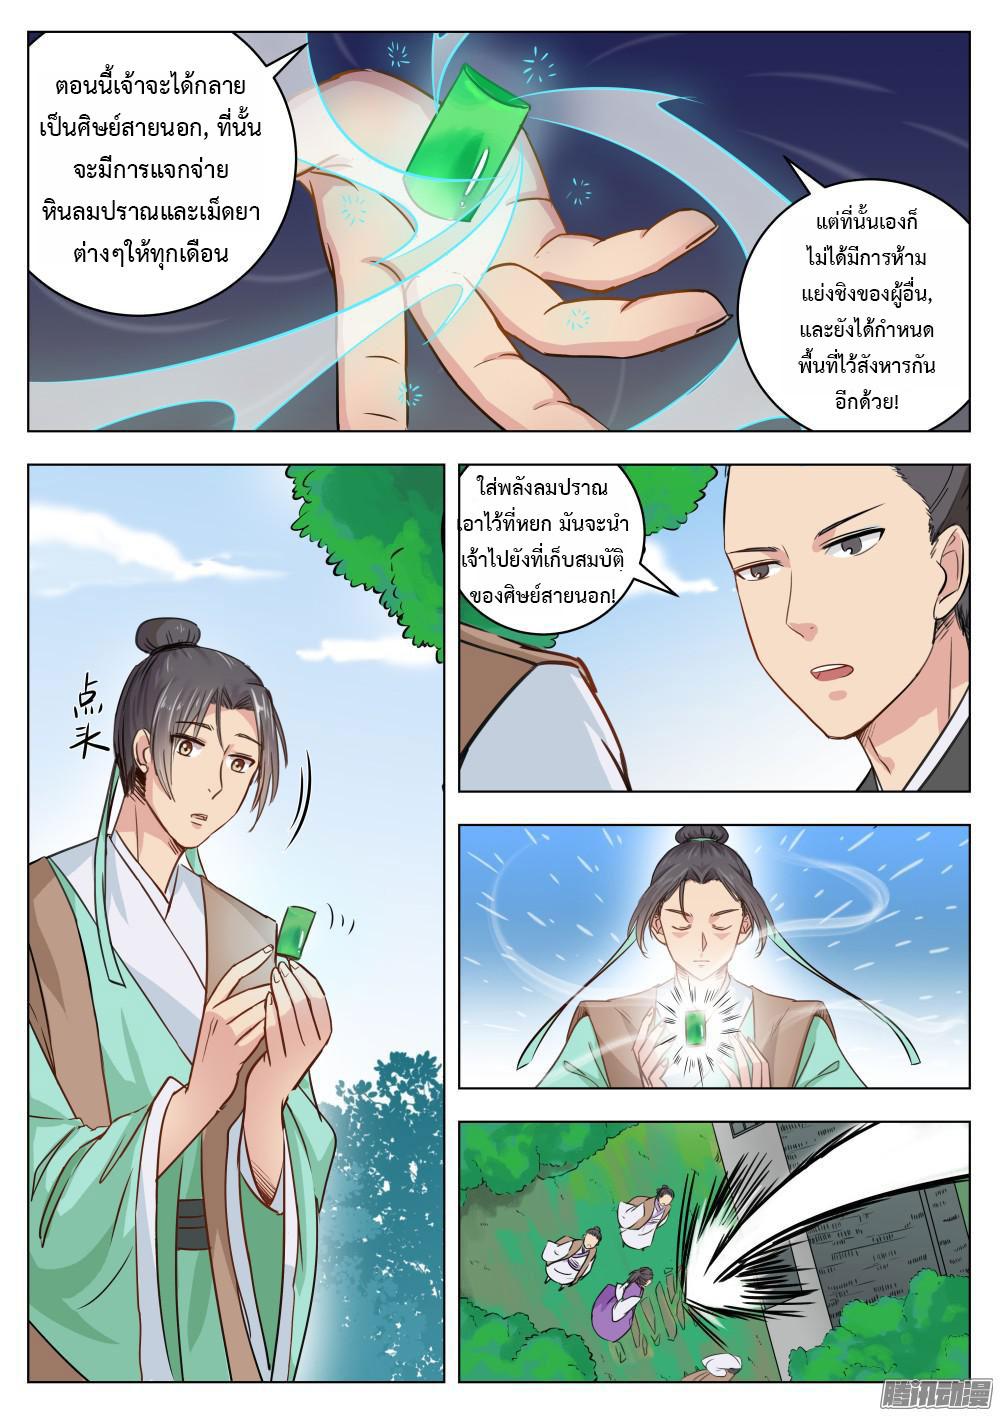 อ่านการ์ตูน I Shall Seal the Heavens 3 ภาพที่ 16